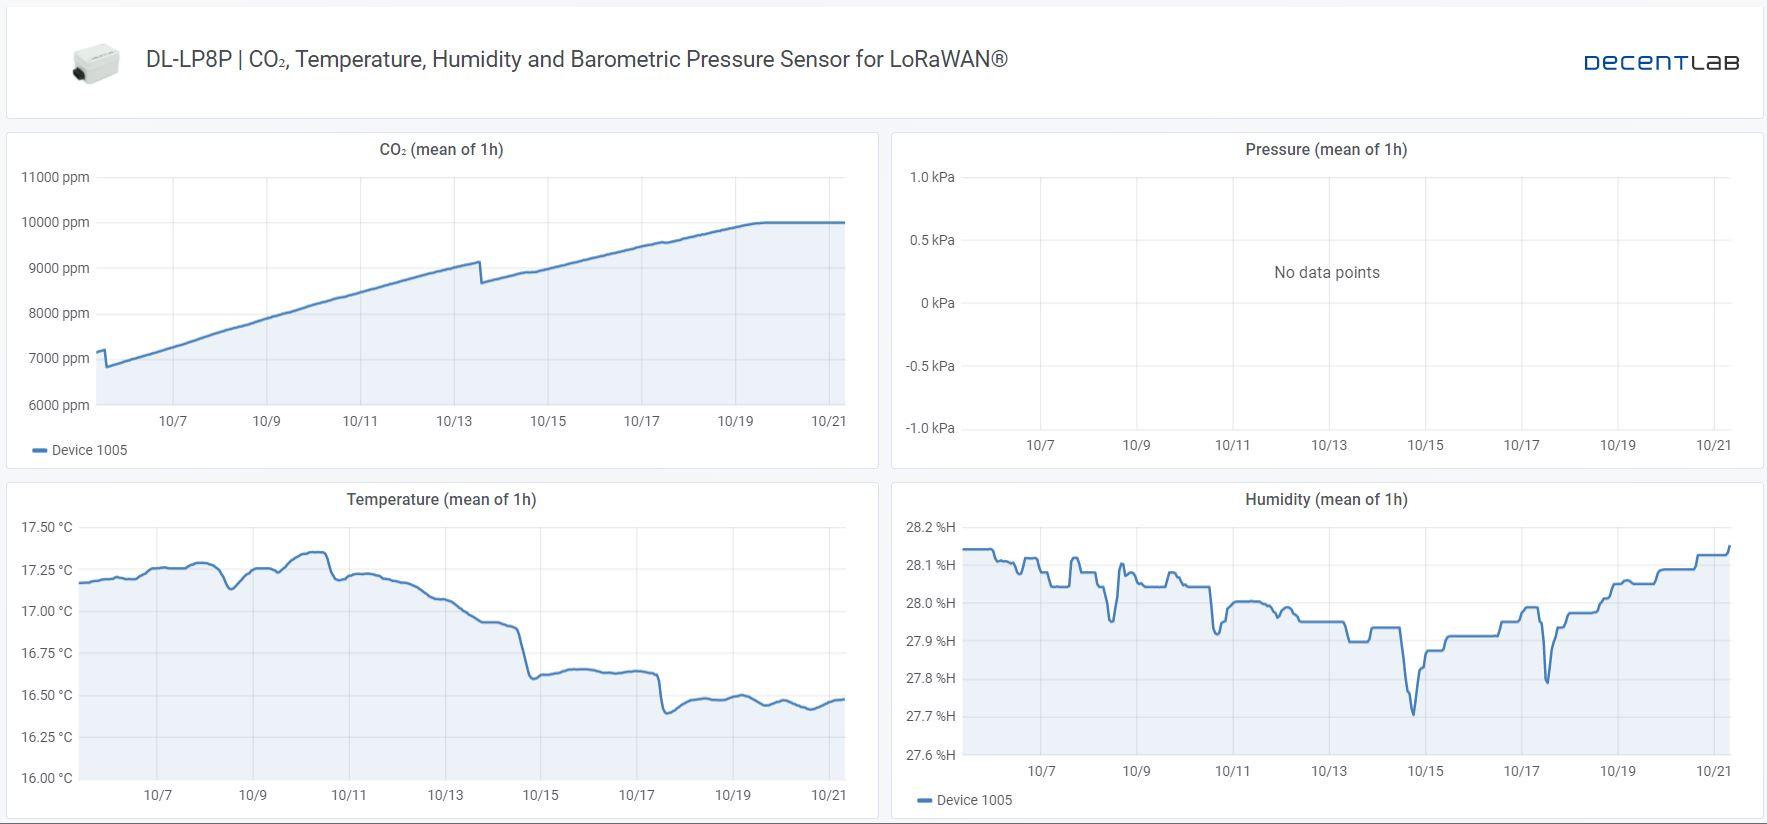 DL-LP8P Sensor System Decentlab results 2 week overview